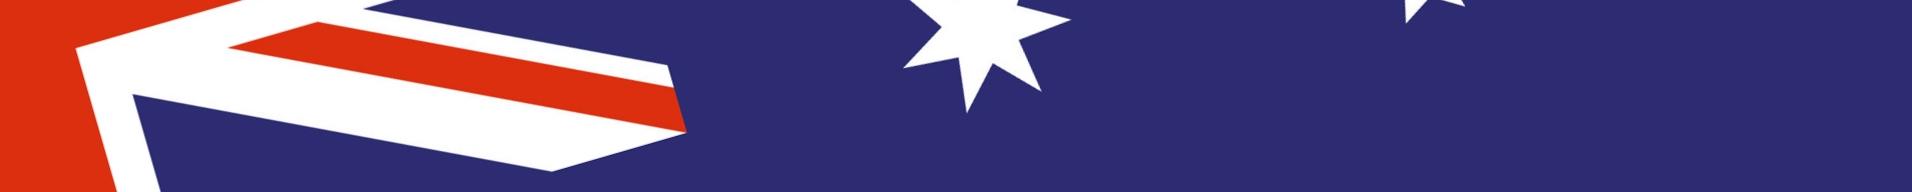 ავსტრალიის დროშა